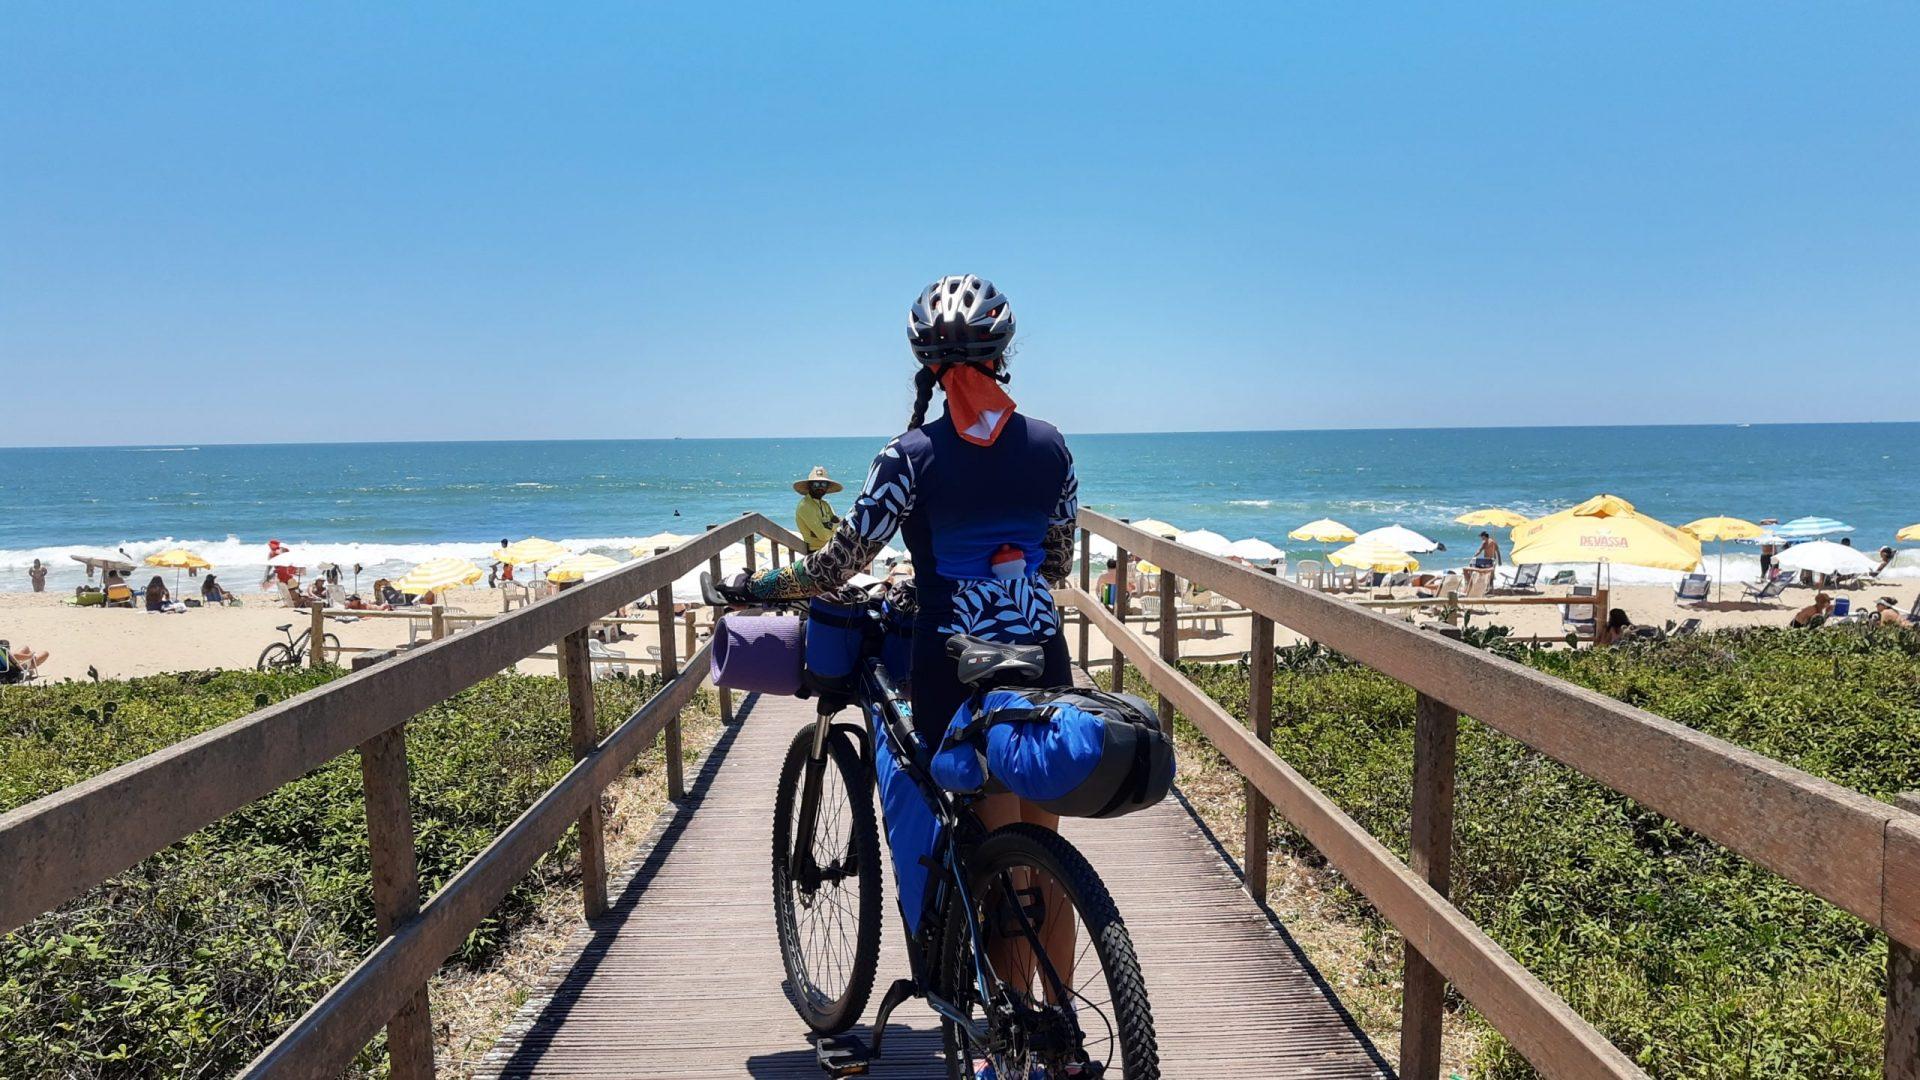 Yoga Bike - Cicloaventureiro.com.br (2)